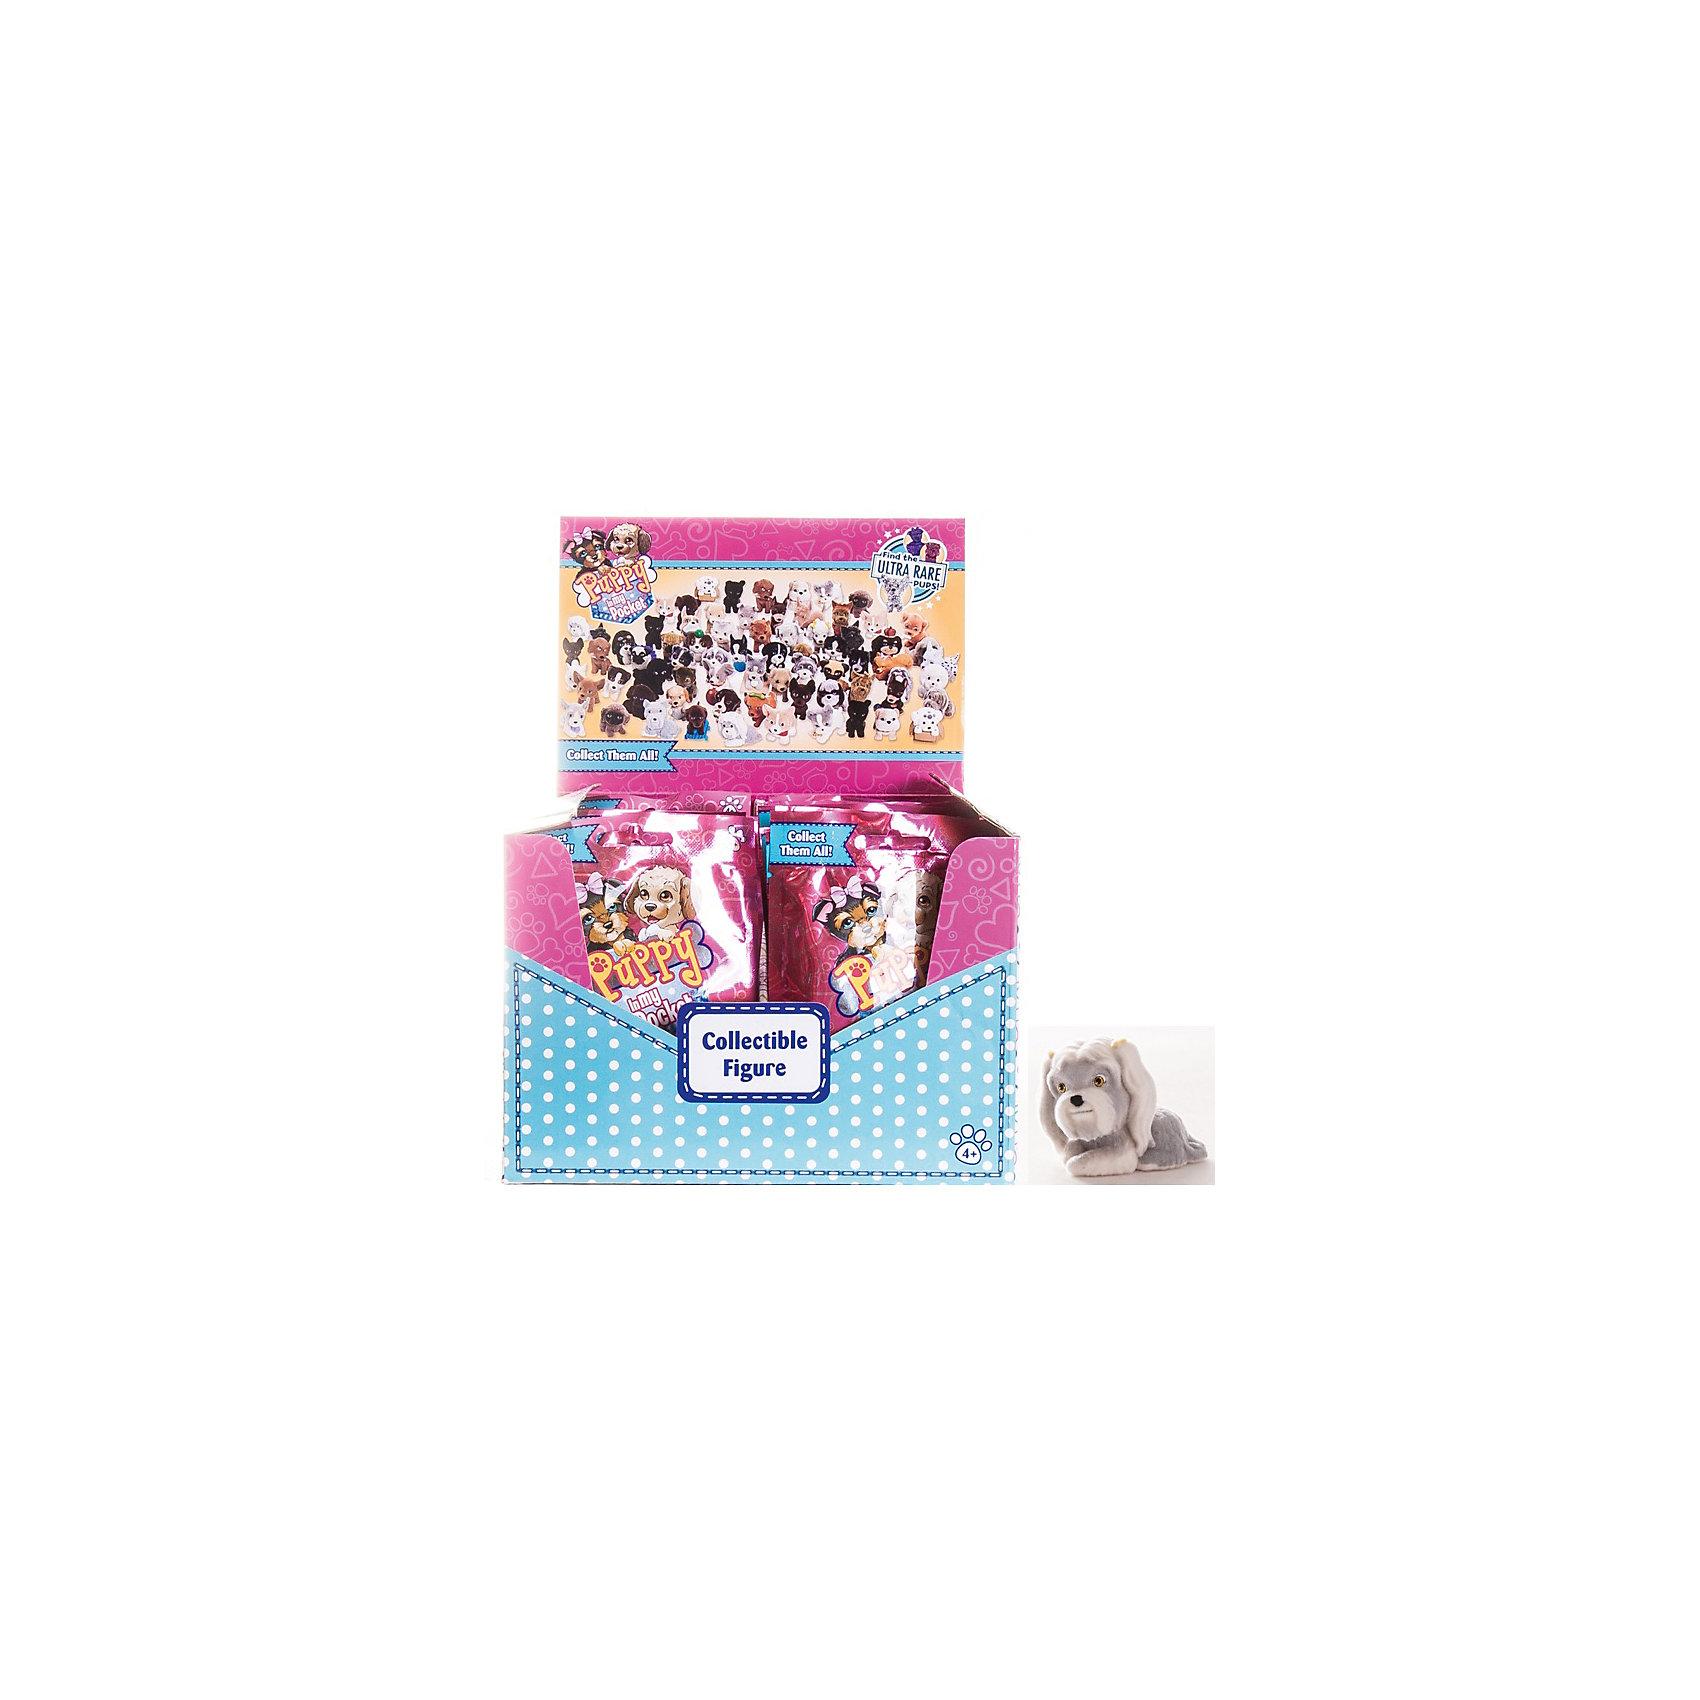 Фигурка флокированная, Puppy in my pocket, в ассортиментеМир животных<br>Симпатичные маленькие собачки ждут своих хозяев! Каждый щеночек упакован в индивидуальный непрозрачный пакетик, что обеспечивает эффект неожиданности. <br>Puppy In My Pocket (Щенок в моём кармане) – это новый бренд игрушек, созданных по одноименному мультфильму, объединяющий более 100 различных персонажей! Симпатичные маленькие пластиковые собачки имеют специальное текстильное напыление (флокирование), делающее их очень приятными на ощупь. <br><br>Дополнительная информация:<br><br>- Материал: пластик, флок.<br>- Размер упаковки: 14х2,5х10 см. <br>- Фигурка в ассортименте (продаются отдельно).<br>ВНИМАНИЕ! Данный артикул представлен в разных вариантах исполнения. К сожалению, заранее выбрать определенный вариант невозможно. При заказе нескольких фигурок возможно получение одинаковых.<br><br>Фигурку флокированную, Puppy in my pocket, в ассортименте, можно купить в нашем магазине.<br><br>Ширина мм: 25<br>Глубина мм: 140<br>Высота мм: 100<br>Вес г: 33<br>Возраст от месяцев: 36<br>Возраст до месяцев: 120<br>Пол: Унисекс<br>Возраст: Детский<br>SKU: 4587472